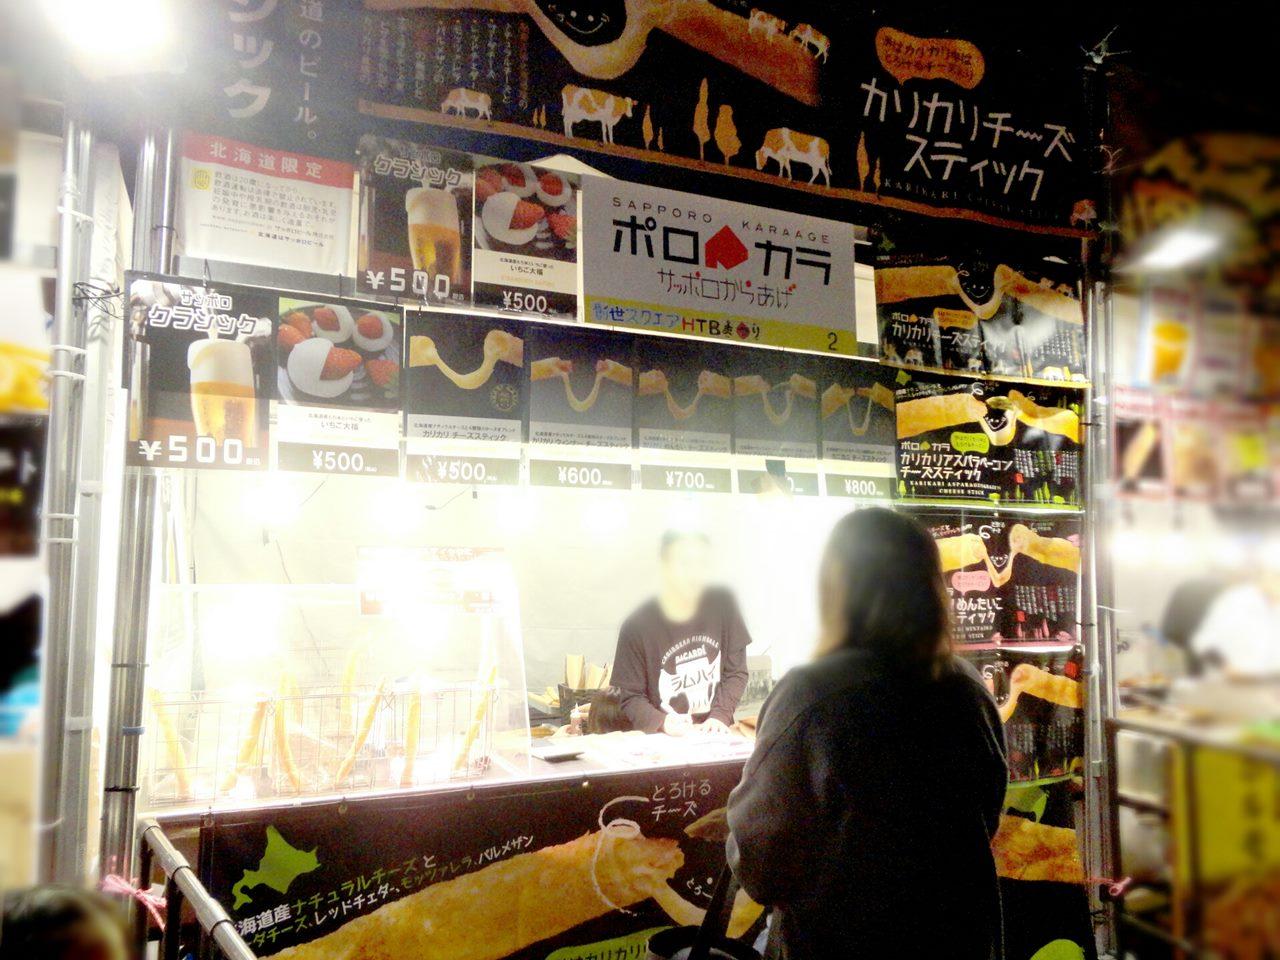 サッポロファクトリーHTB祭り・ポロカラ